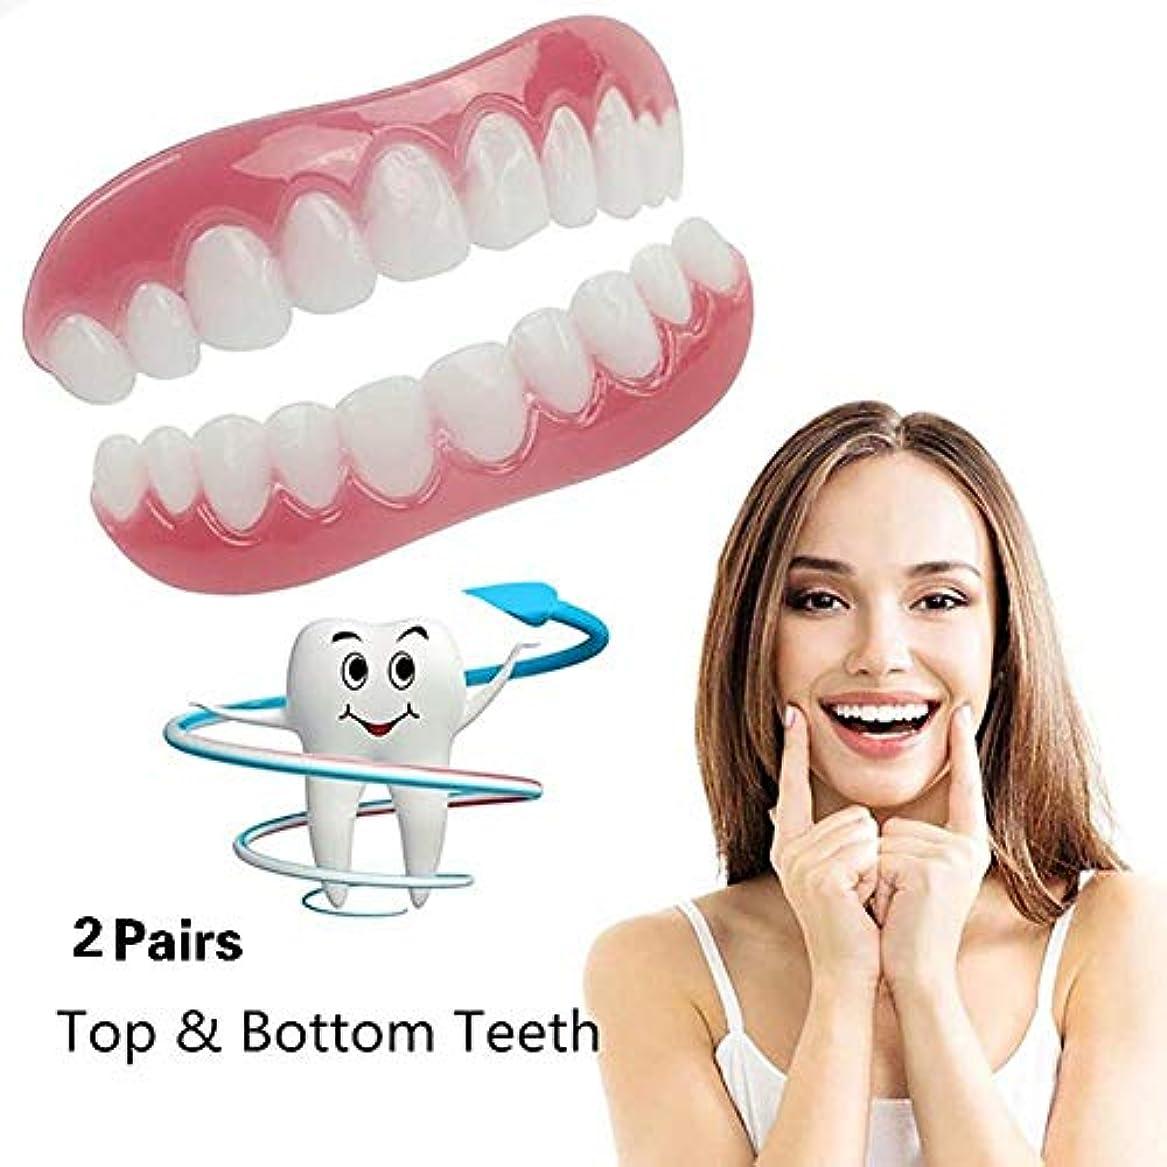 最終的にレトルトパラナ川のシリコーンの歯のベニヤの歯の快適さのフィットフレックス化粧品の歯義歯の歯のトップとボトム化粧品のベニヤのシミュレーションのブレースワンサイズフィットすべて